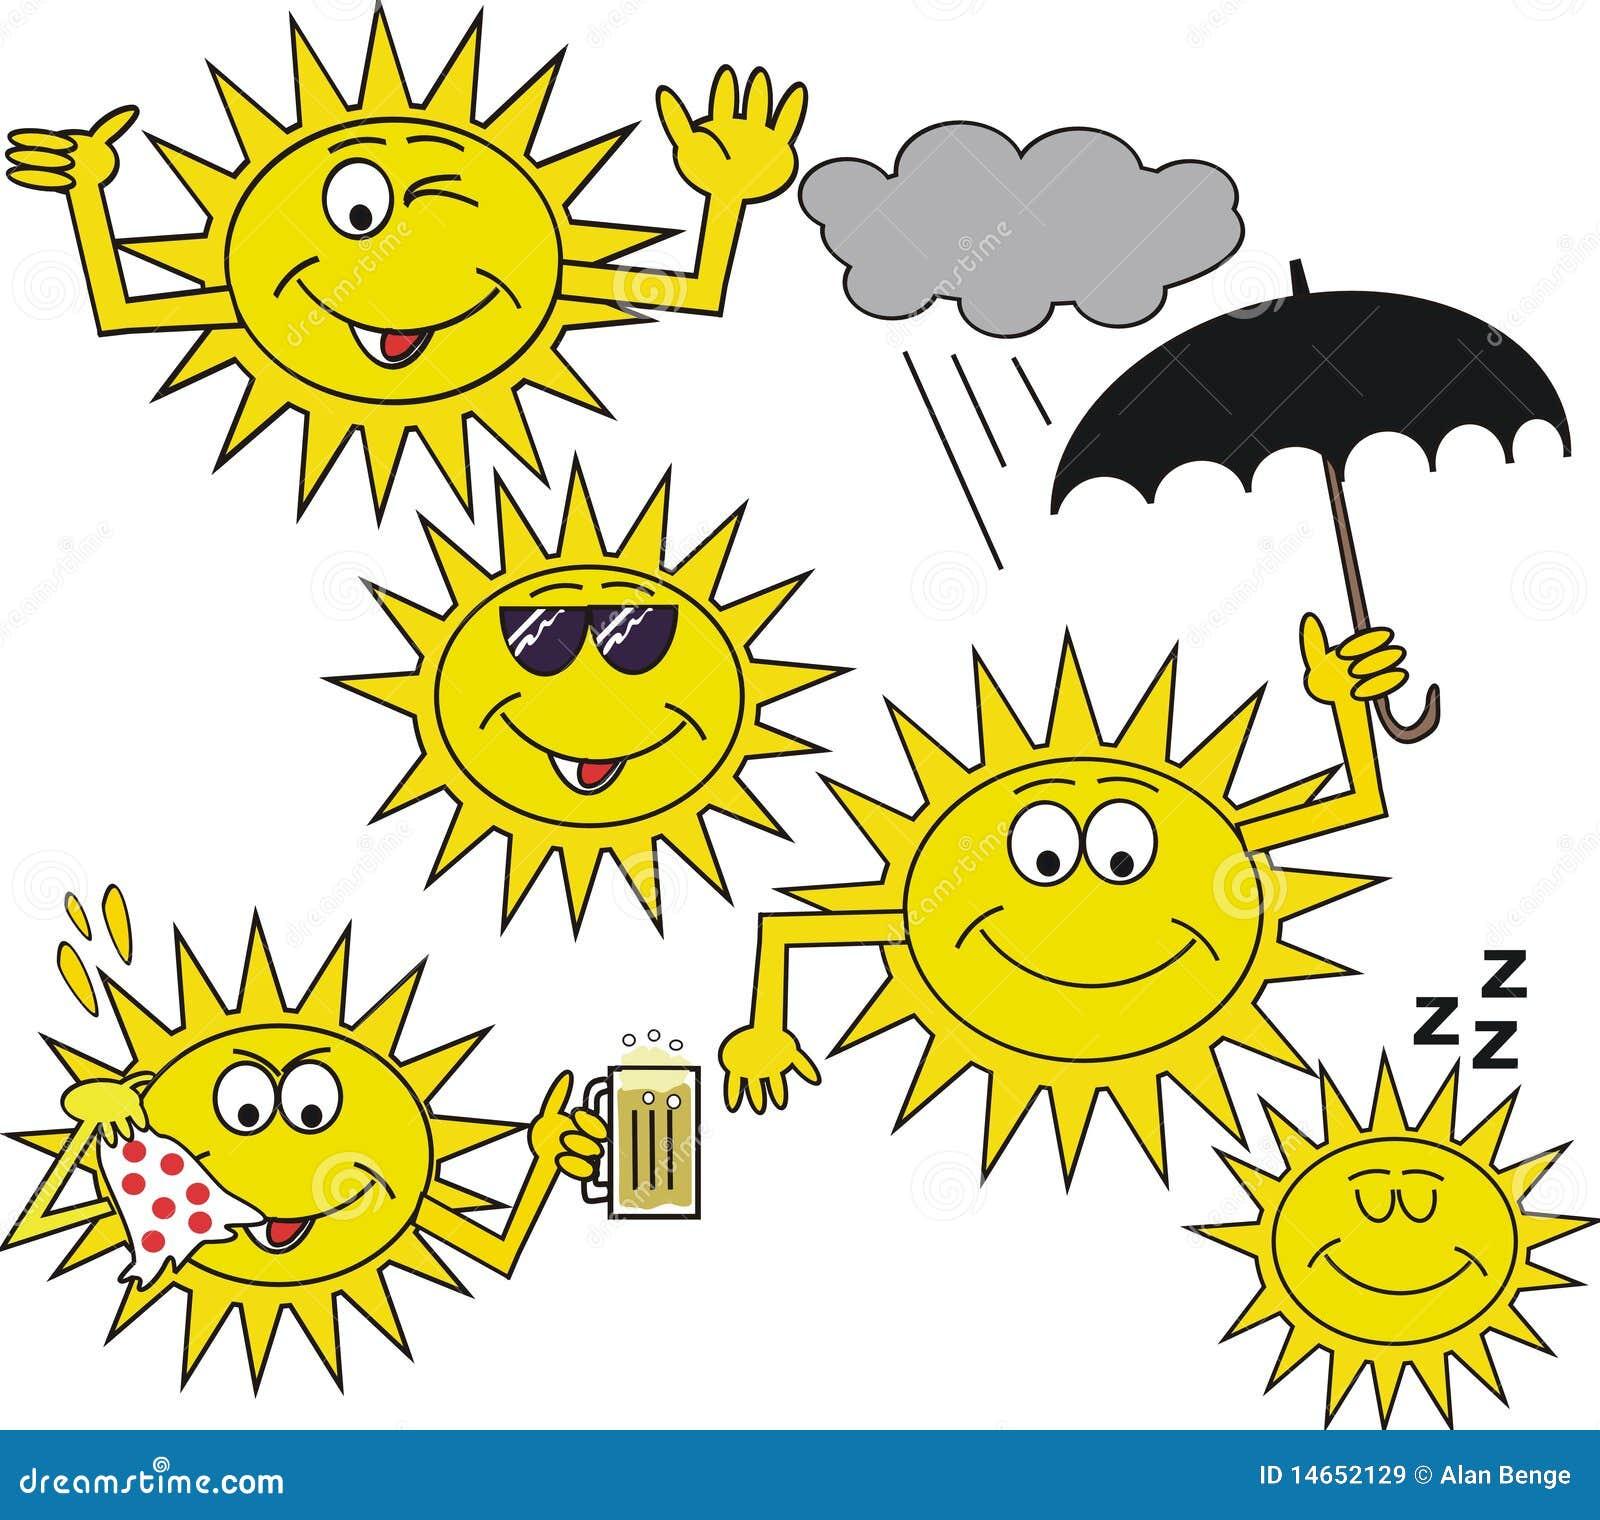 Dessin anim de sourire de symbole du soleil illustration - Dessin du soleil ...